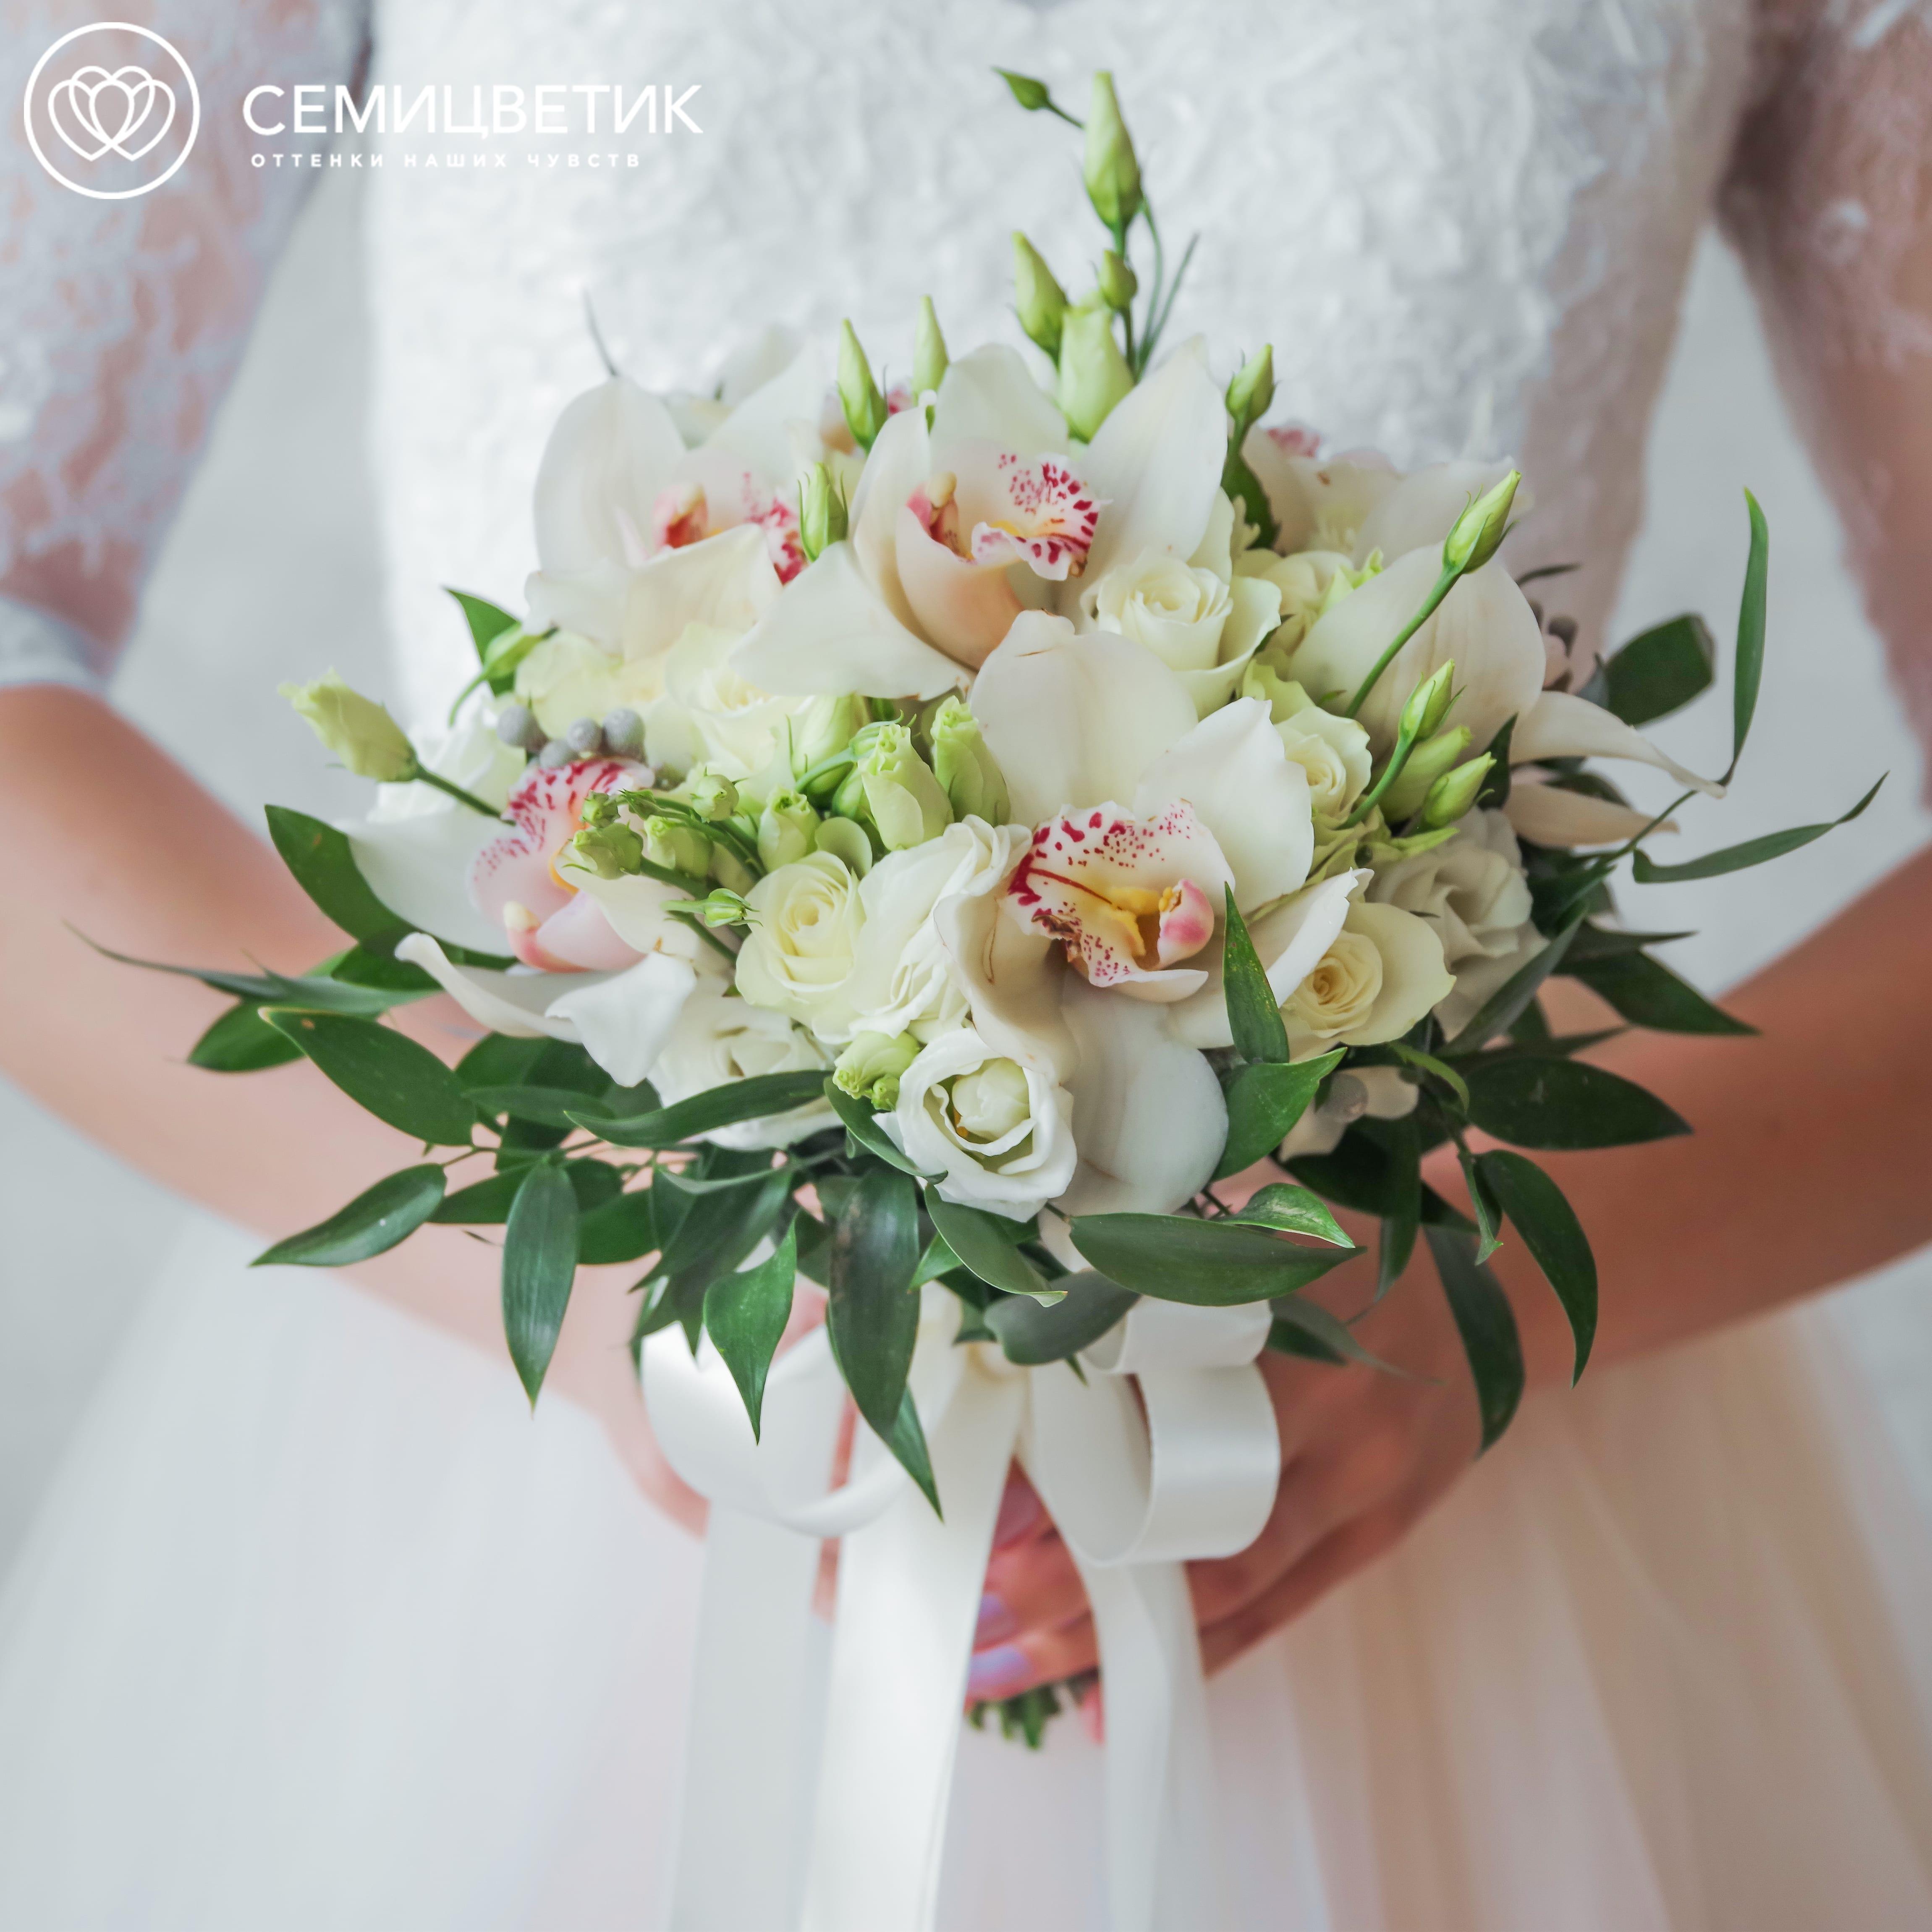 Свадебный букет из орхидеи, лизиантуса и белых роз фото